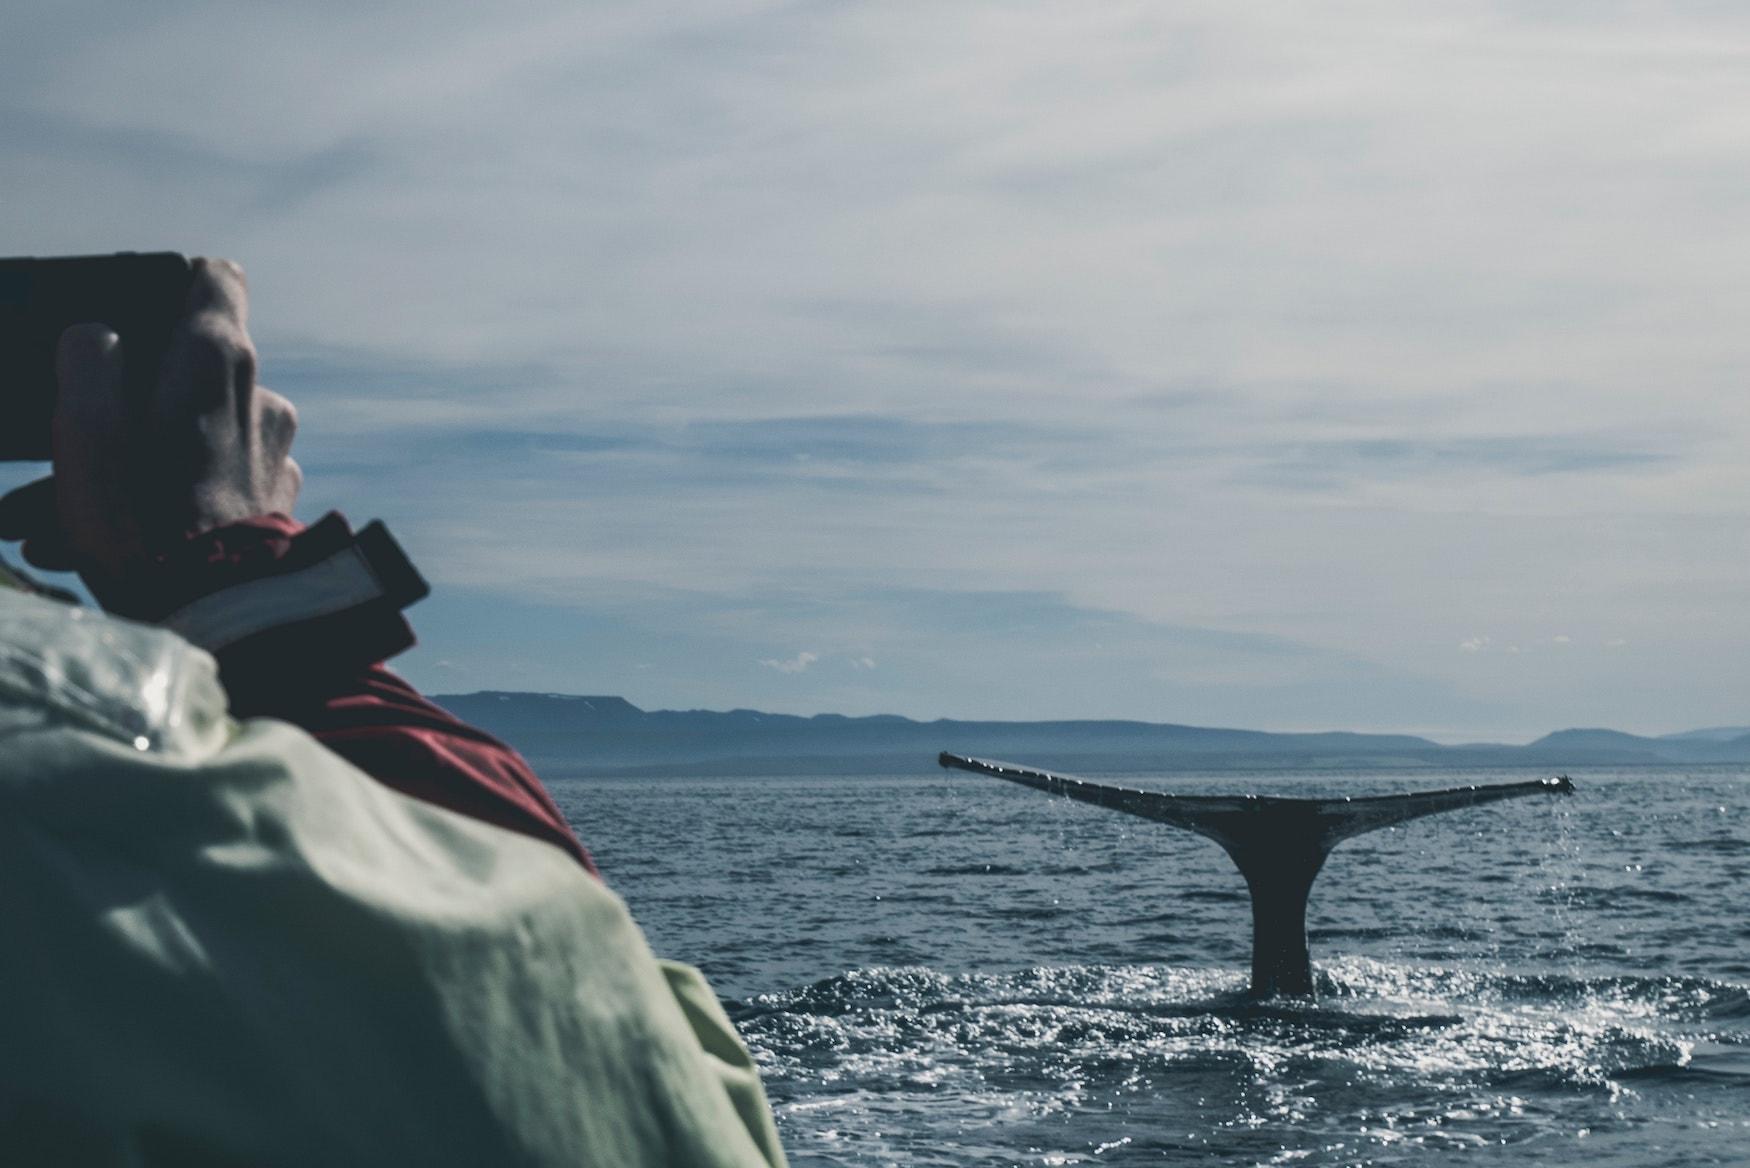 Walflosse guckt aus dem Wasser. Menschen fahren mit Boot über Ozean um Wale zu beobachten